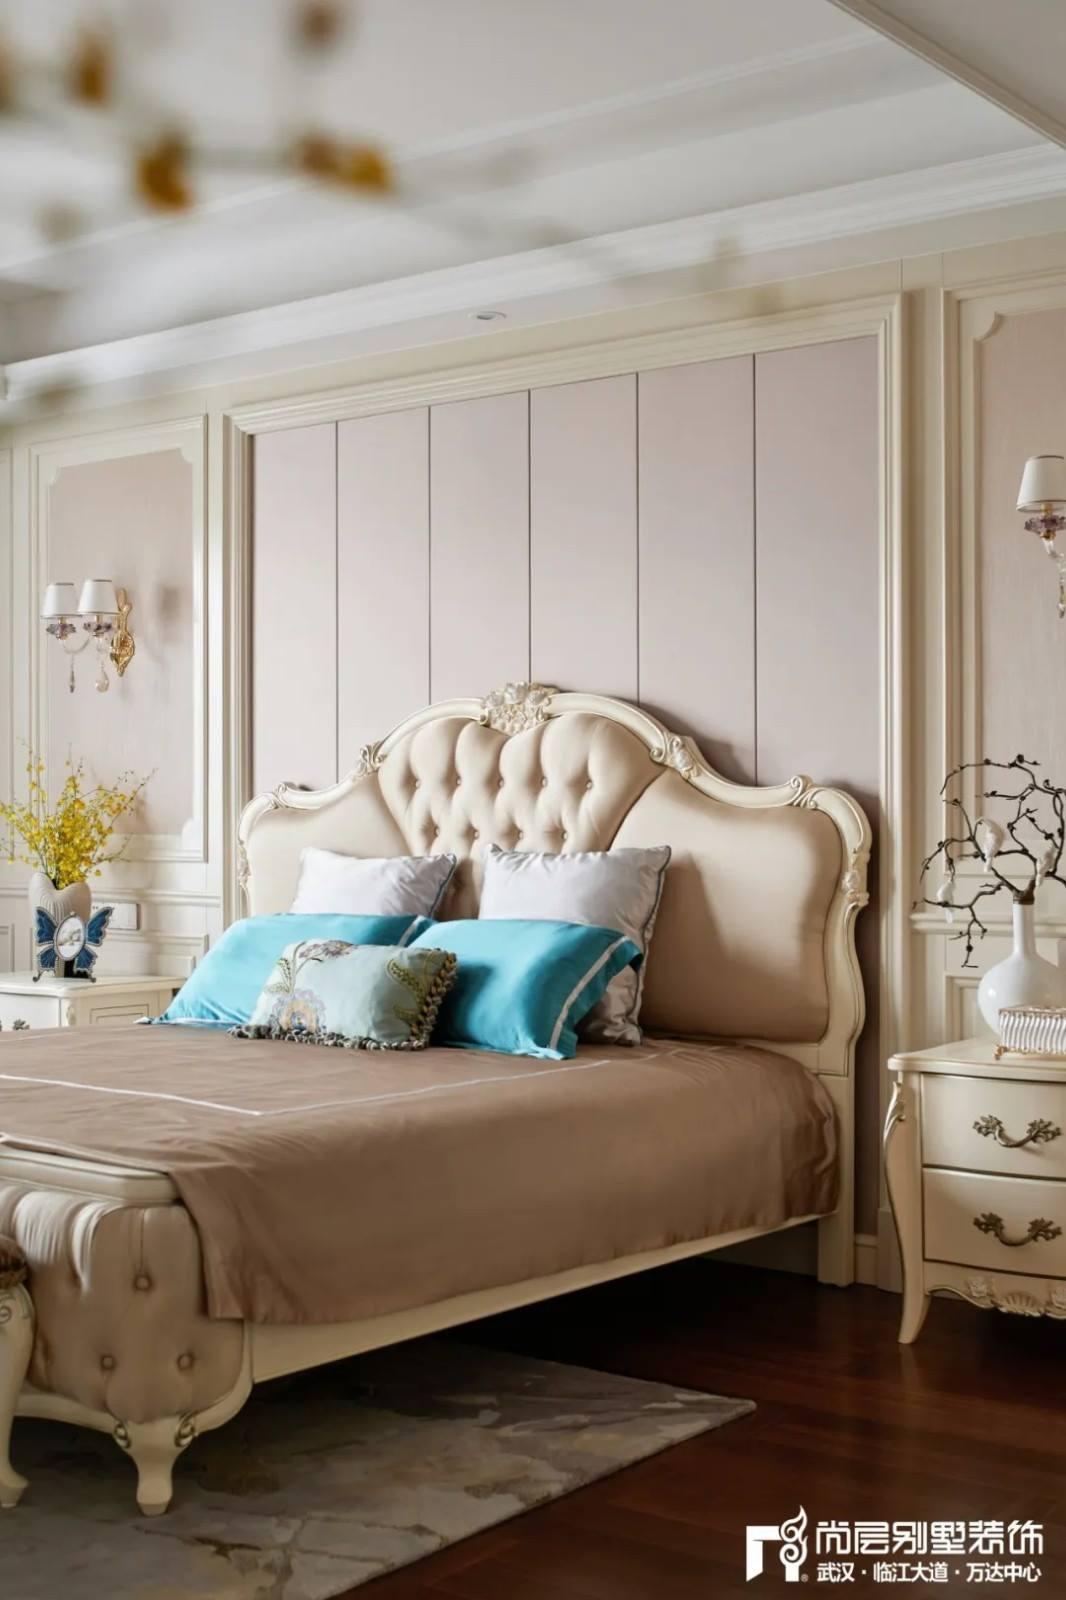 尚层装饰轻奢法式风别墅卧室装修效果